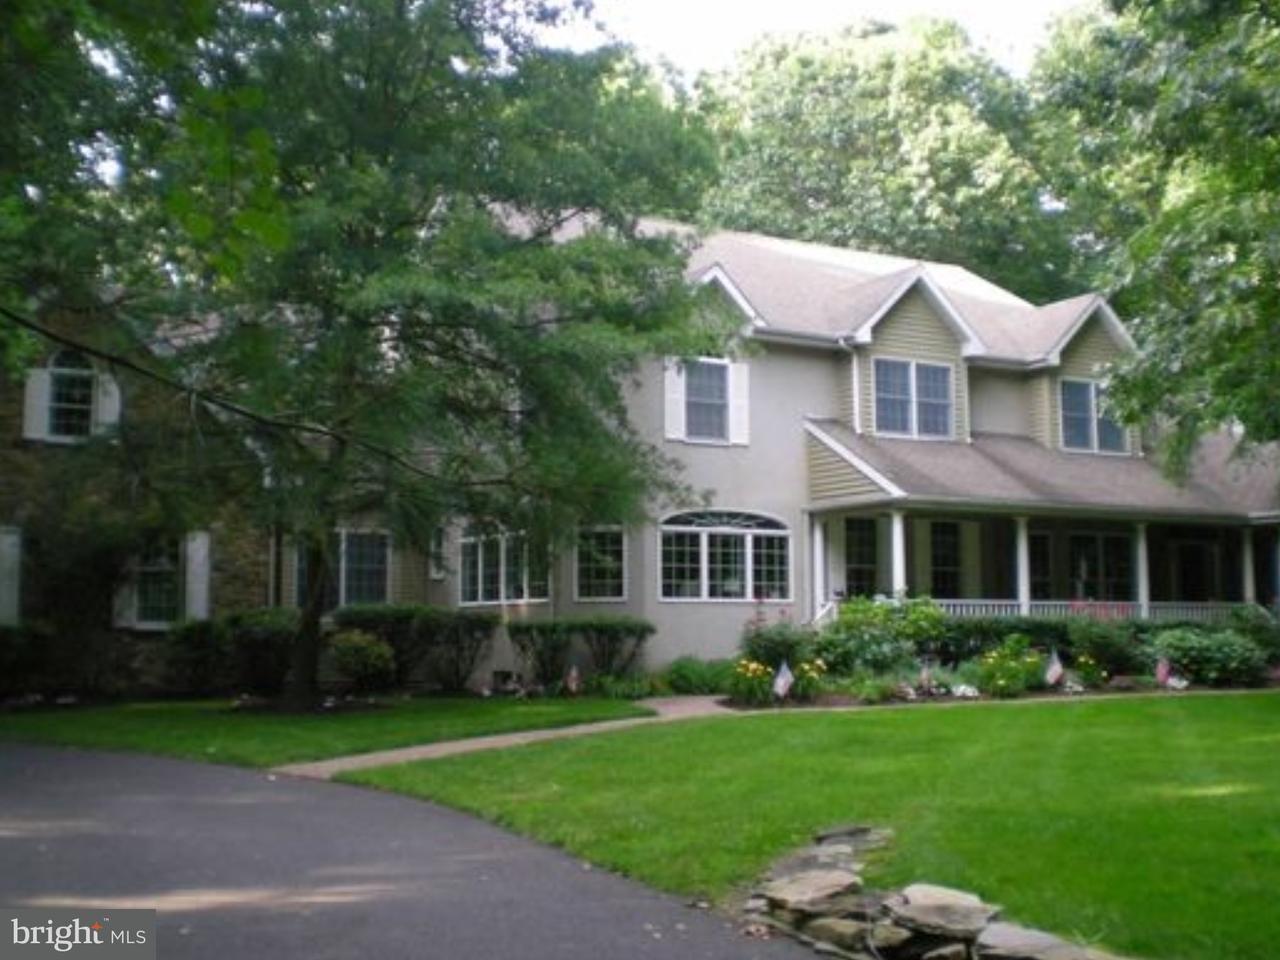 独户住宅 为 销售 在 5 SHAWNEE Drive Wenonah, 新泽西州 08090 美国